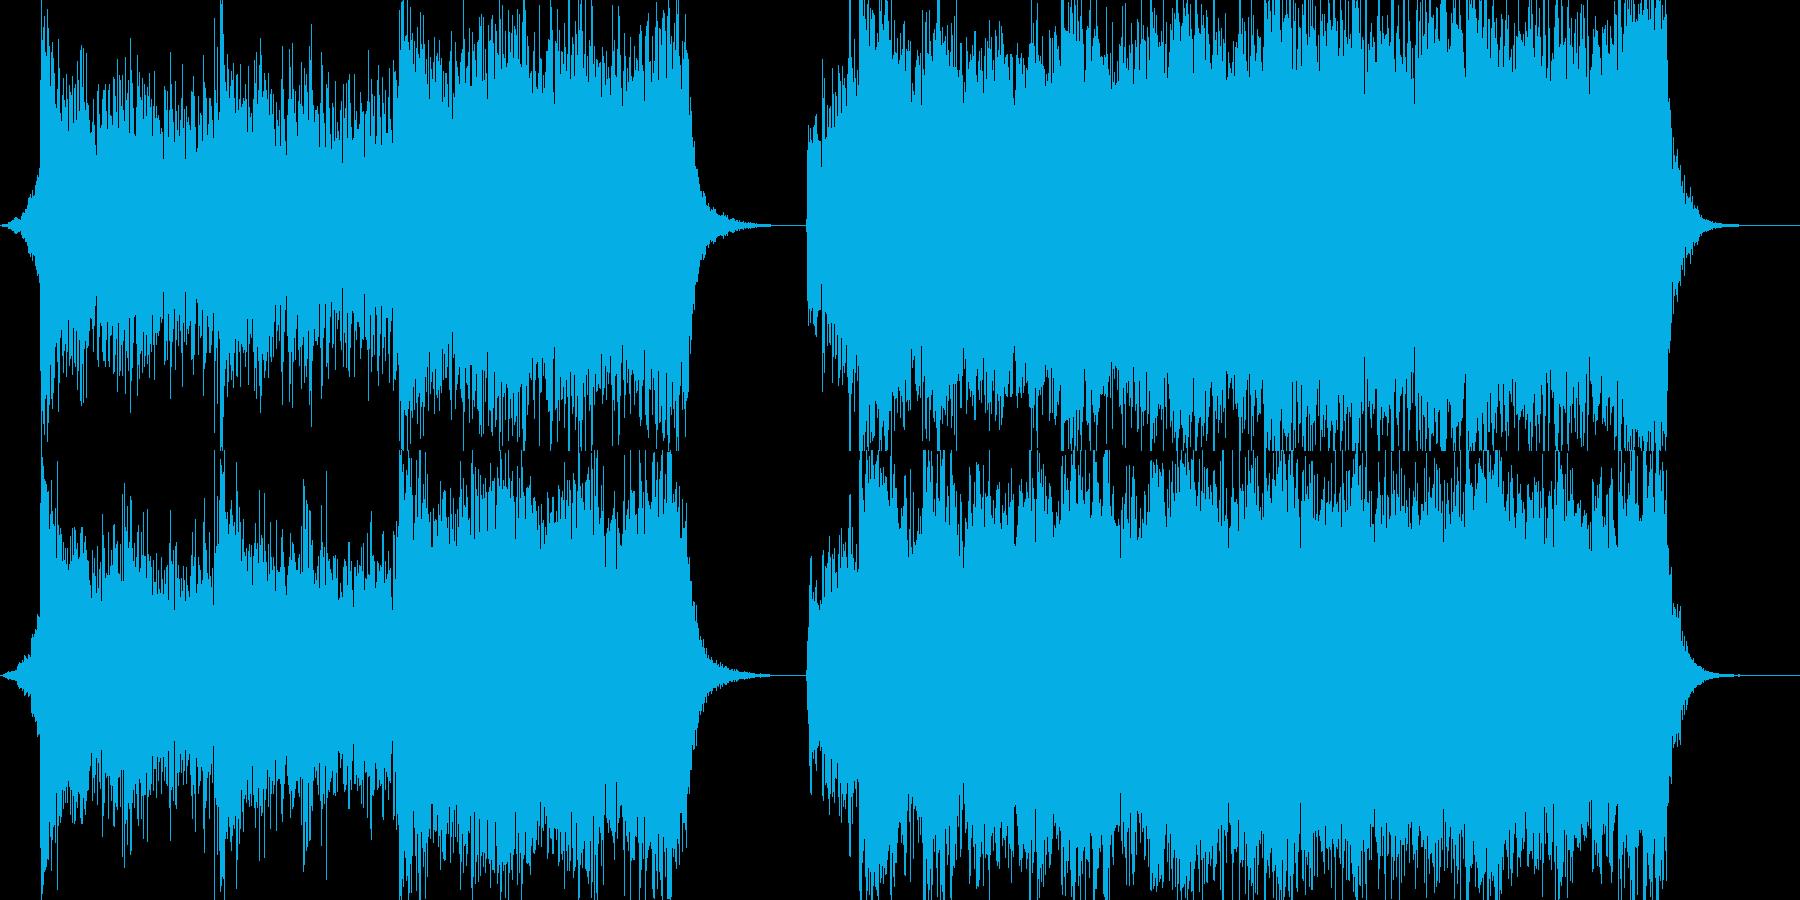 壮大で迫力のあるシネマティック音楽の再生済みの波形